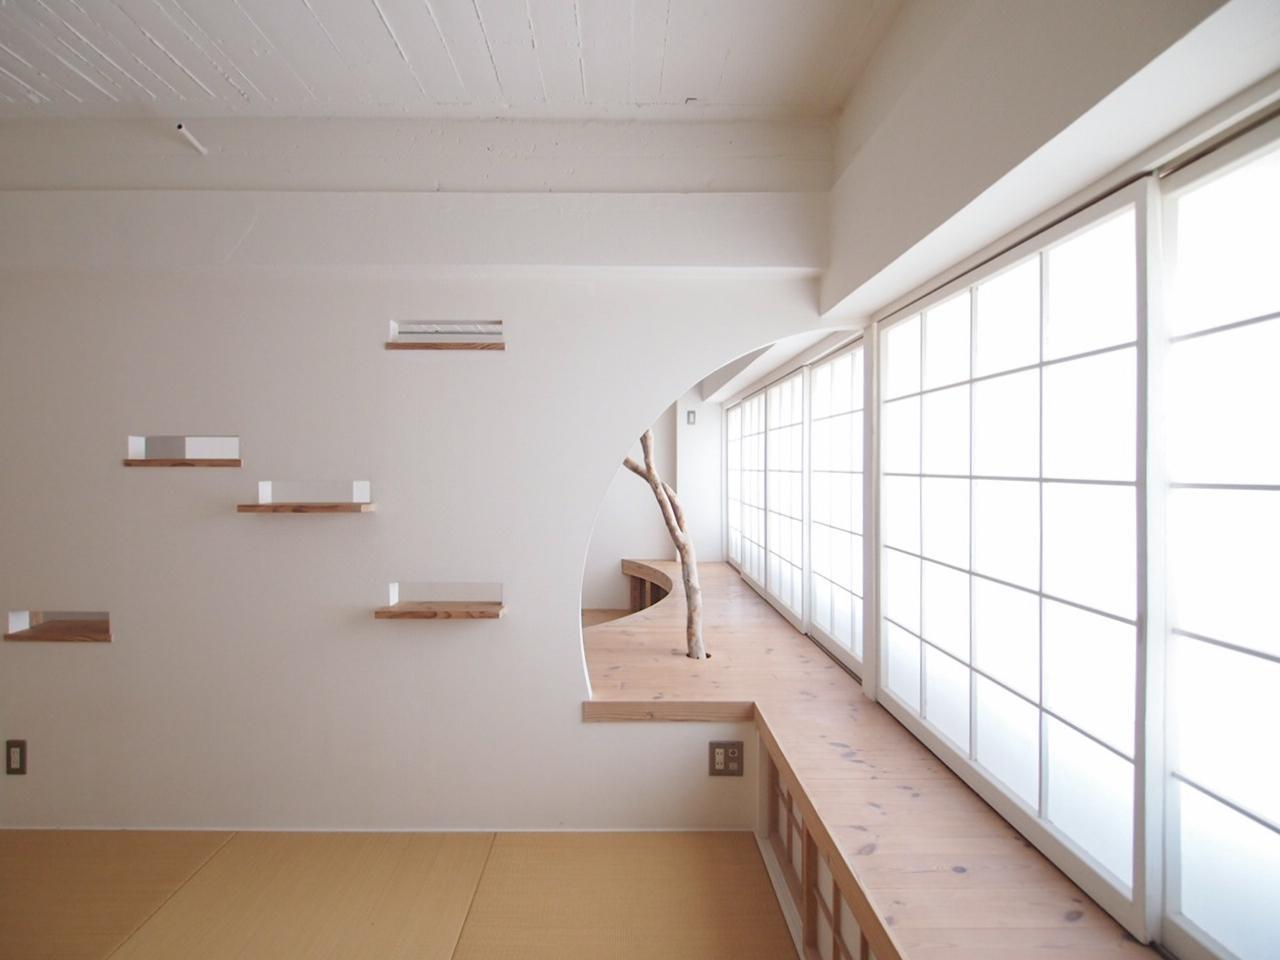 曲線を描きくり抜かれた壁は広がりを感じます